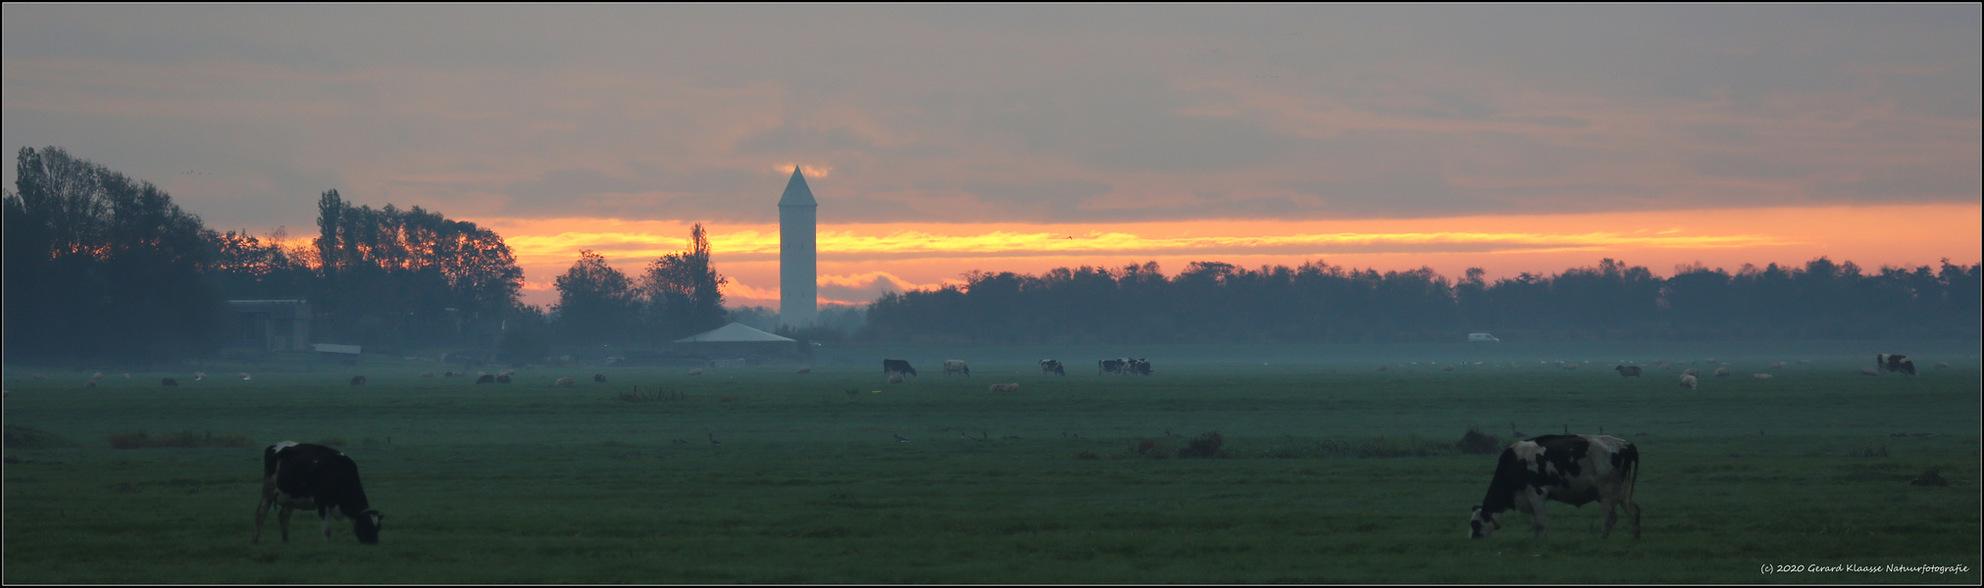 Pietje Potlood - Pietje Potlood is de bijnaam van de watertoren in De Meije (1932), een lintdorp midden in het Groen Hart. Eigenaar is nu Drinkwaterbedrijf Oasen. De  - foto door gaklaasse op 21-10-2020 - deze foto bevat: lucht, wolken, zon, panorama, licht, landschap, mist, watertoren, tegenlicht, zonsopkomst, pietje potlood